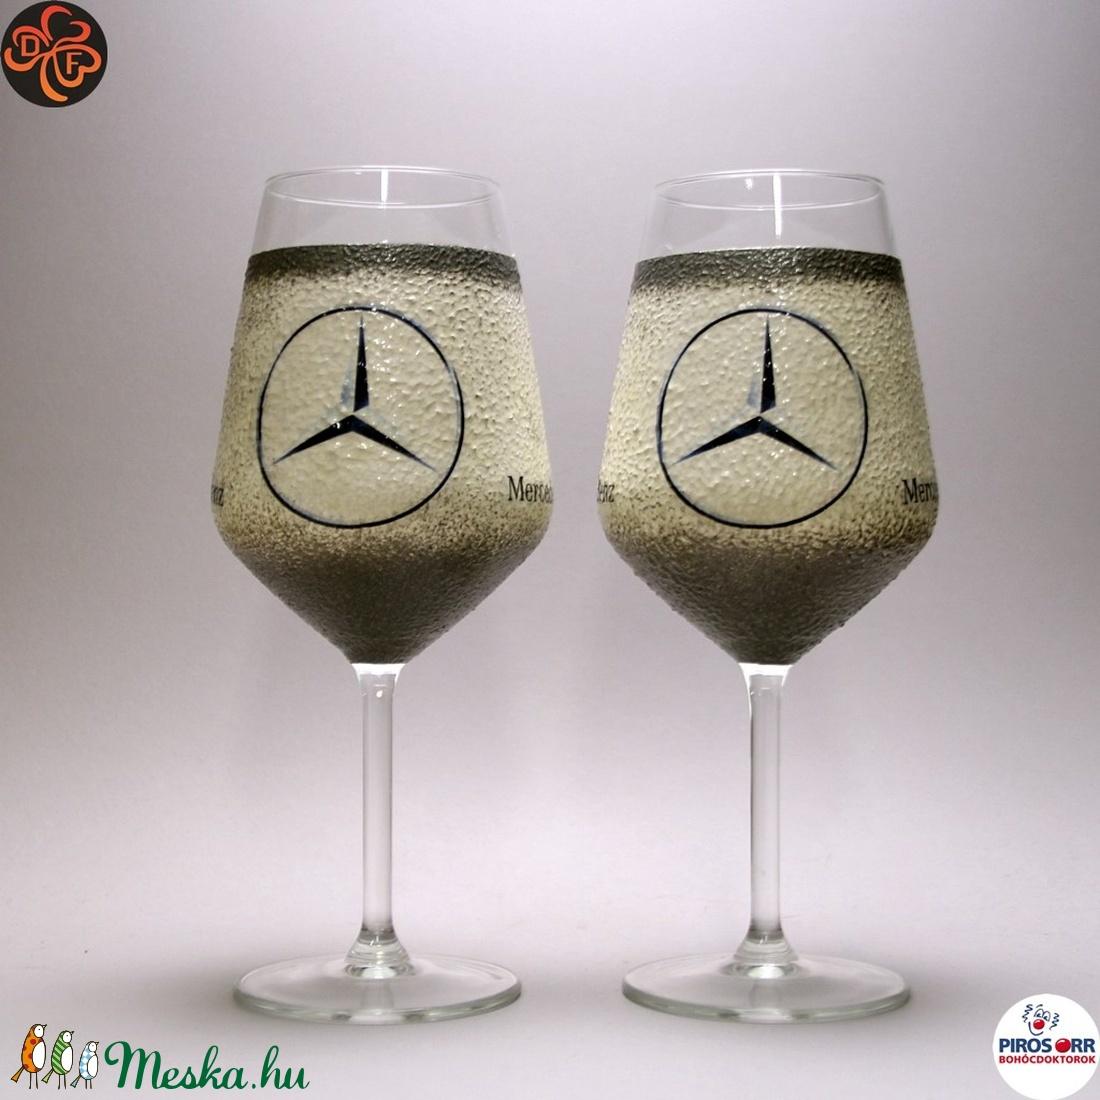 MERCEDES borospohár ; Mercedes rajongóknak, férjeknek, barátoknak - Meska.hu